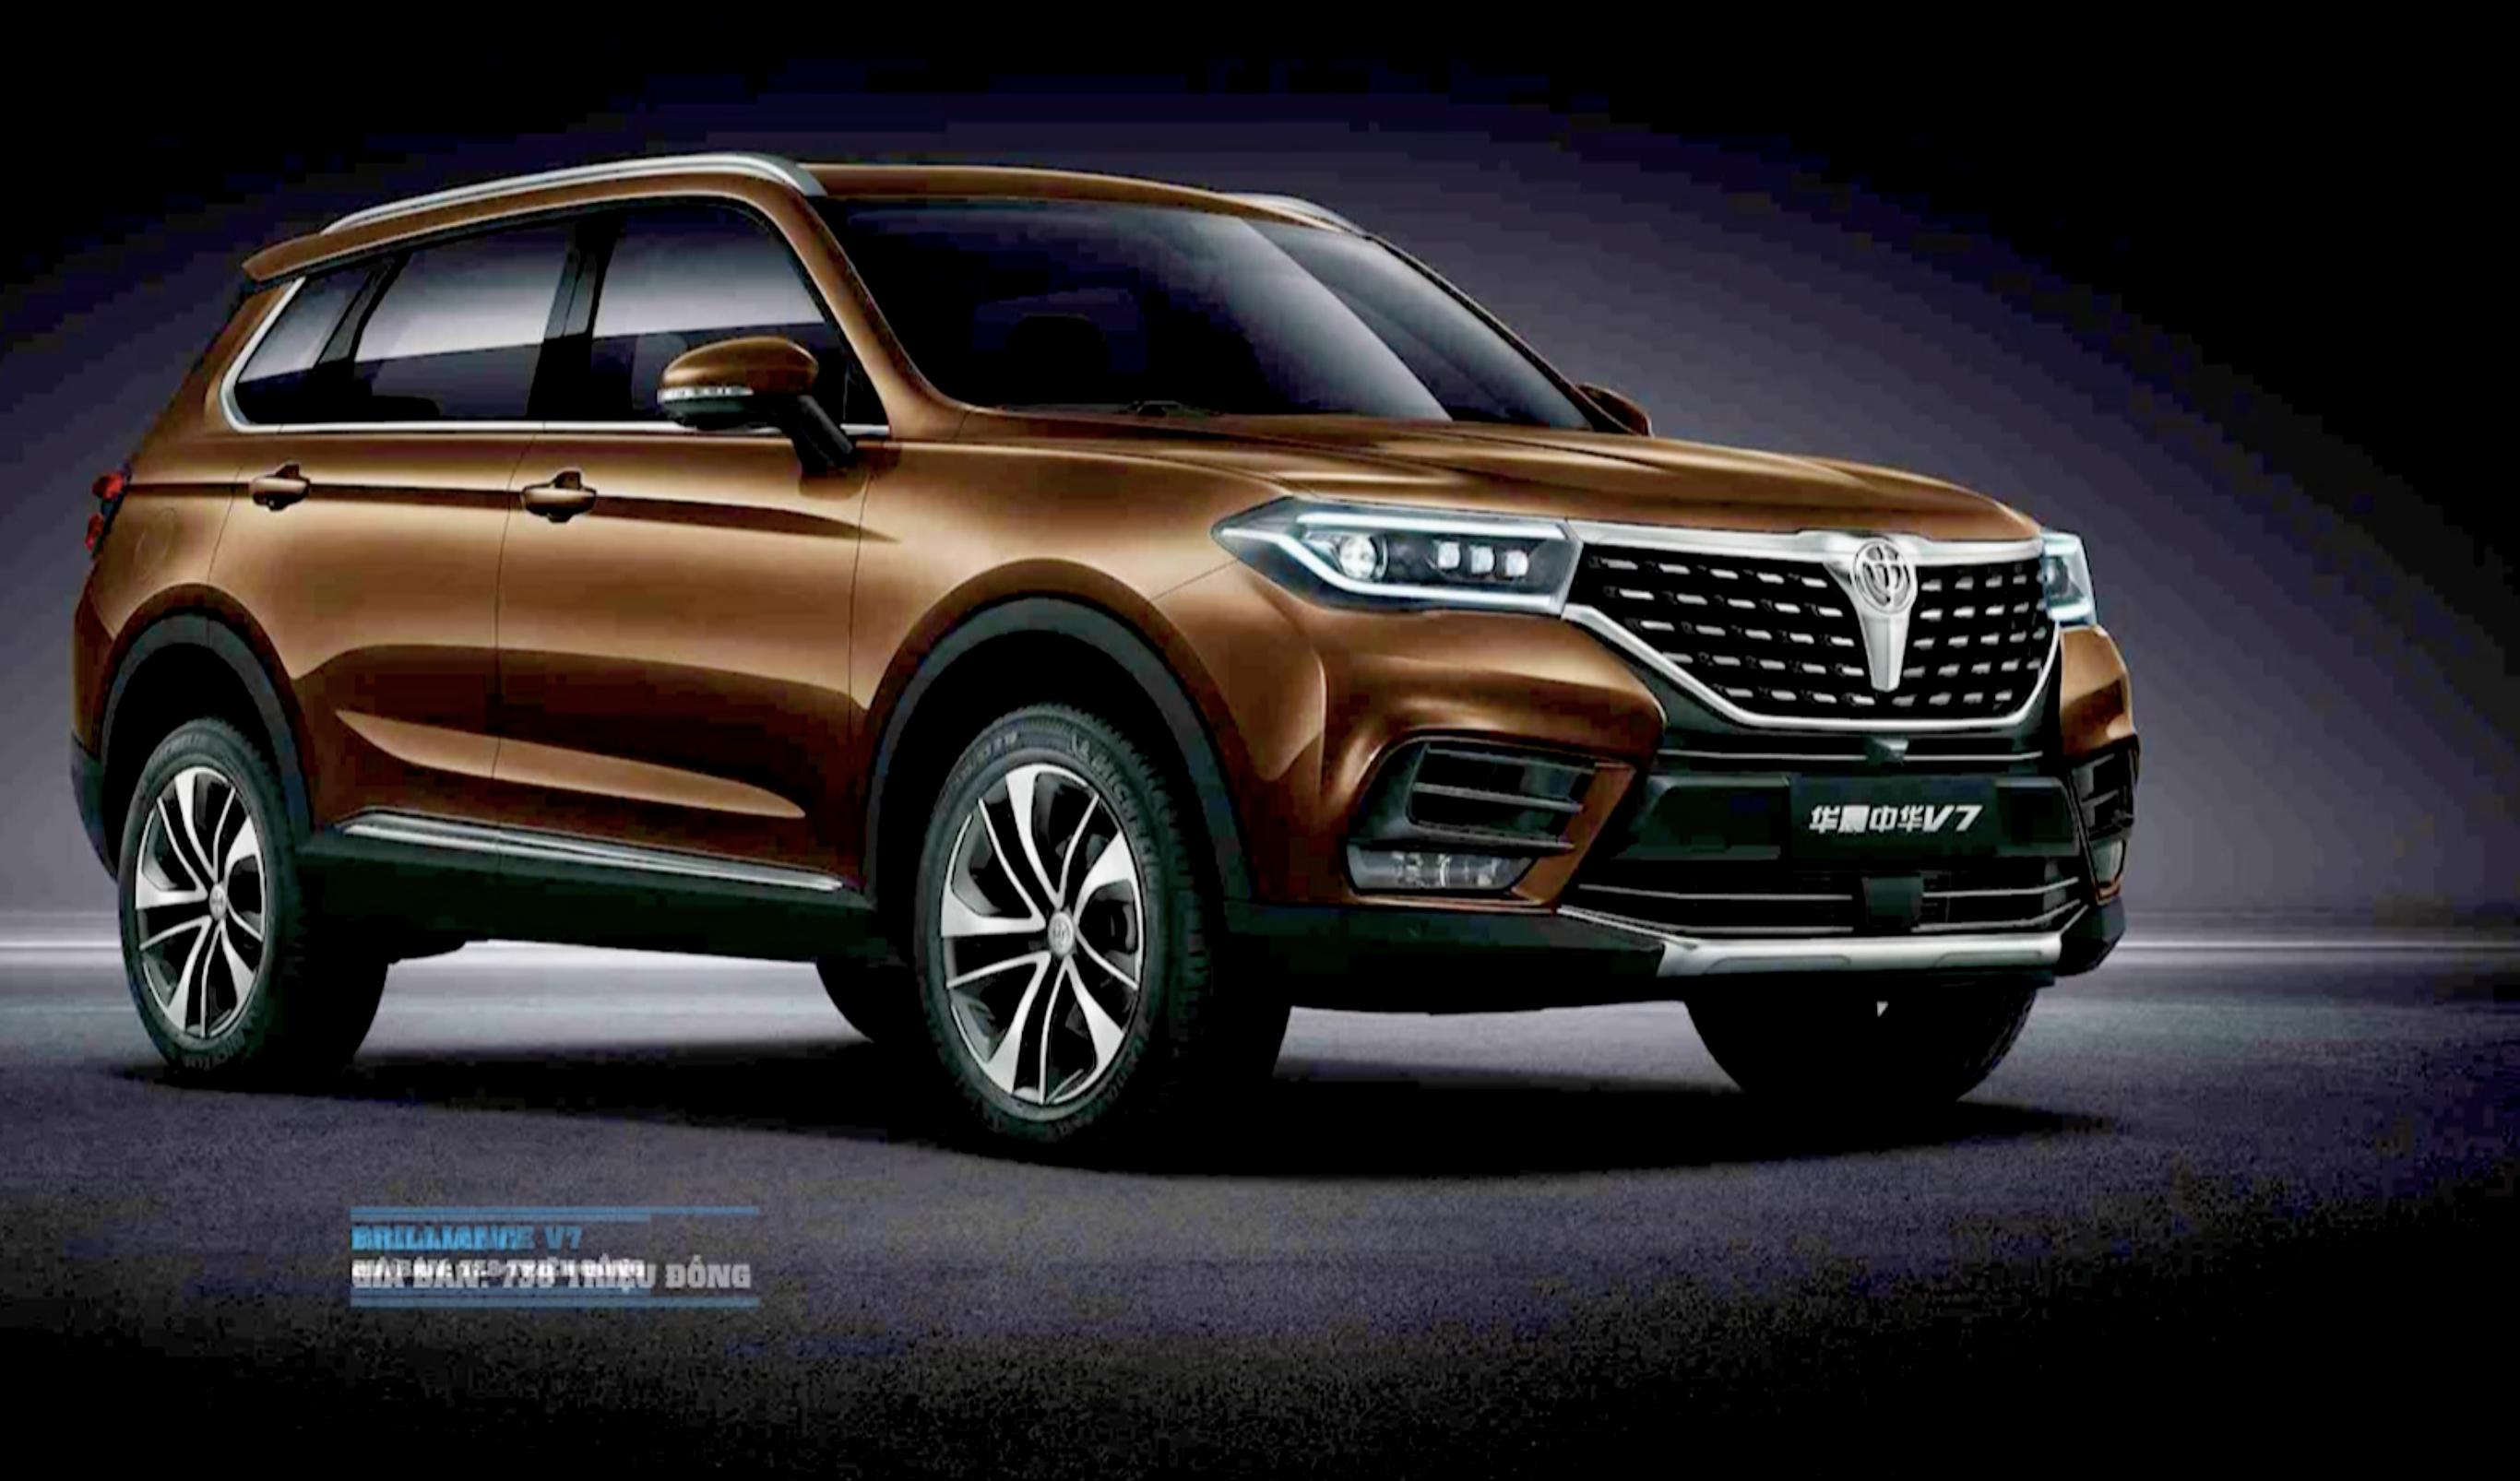 2020, ô tô Trung Quốc tràn vào Việt Nam, giá rẻ GIẬT MÌNH?